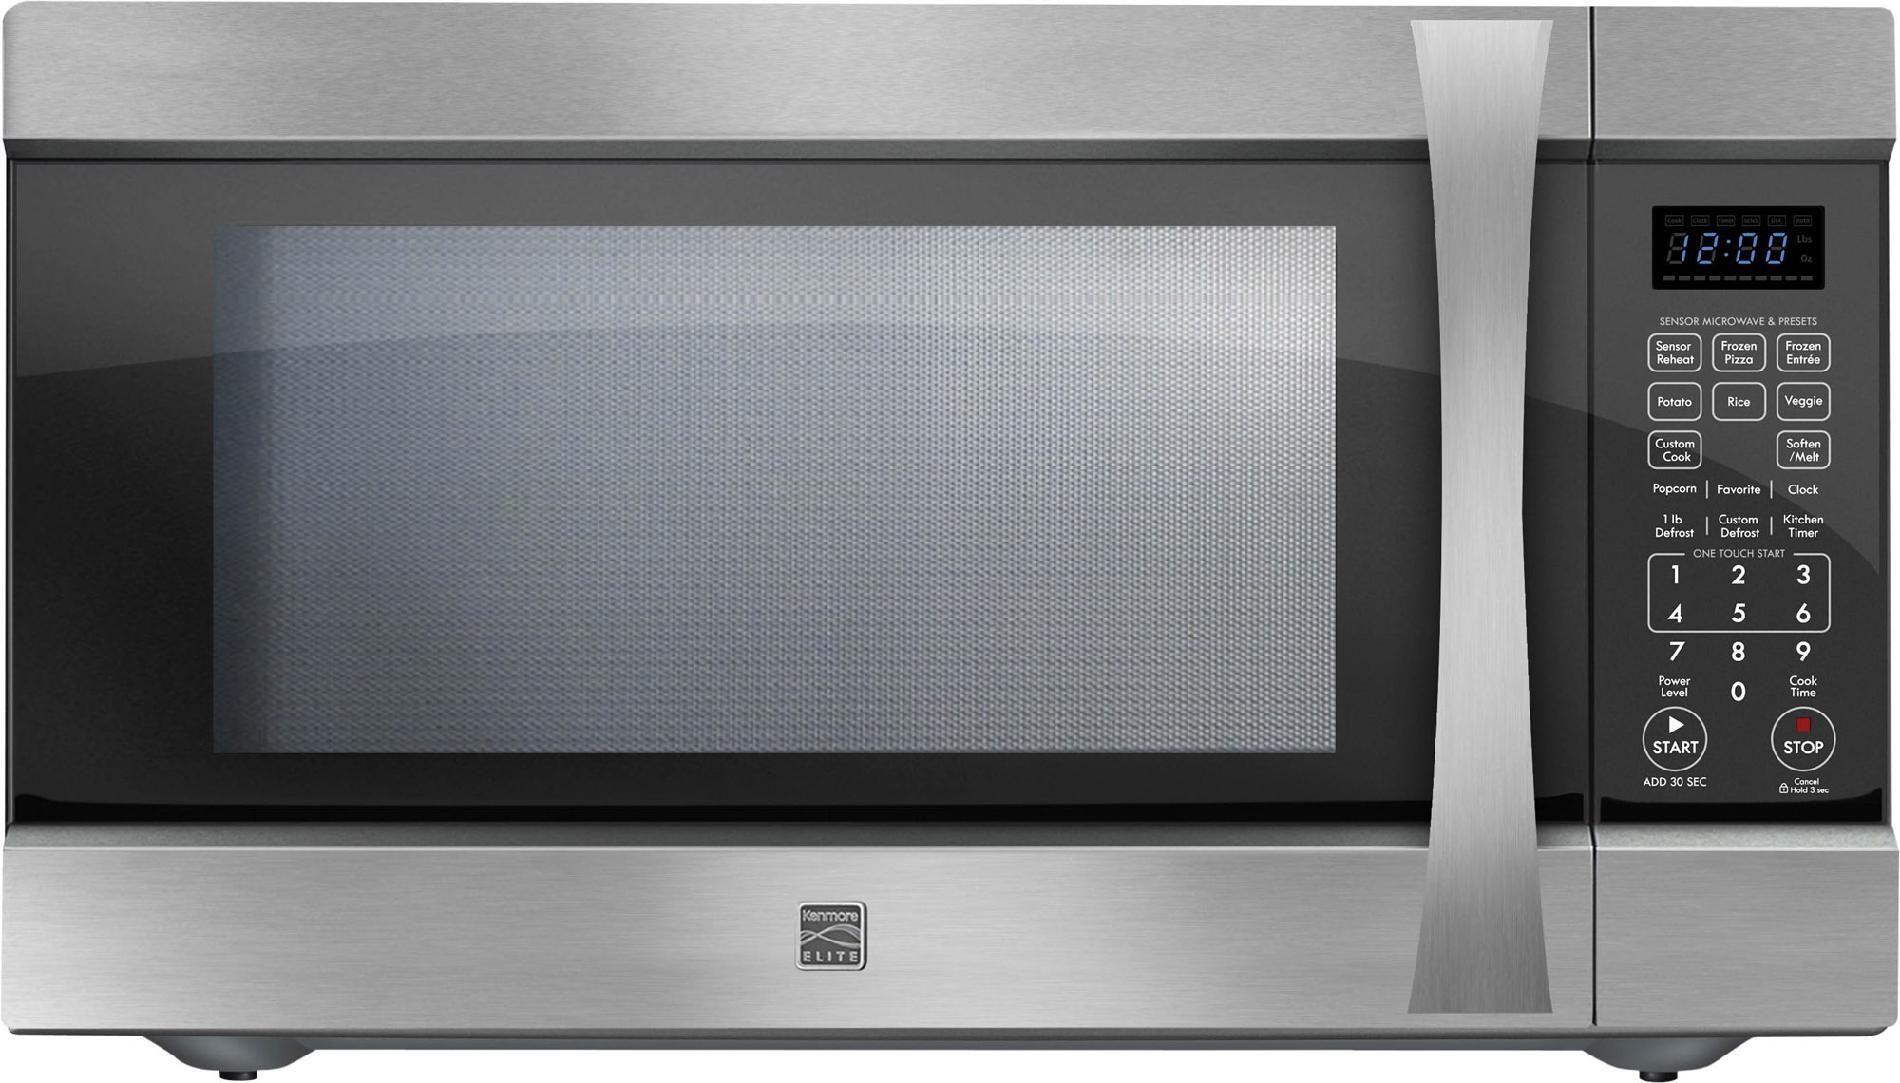 Kenmore Elite Countertop Microwave 2 2 Cu Ft 75223 Sears